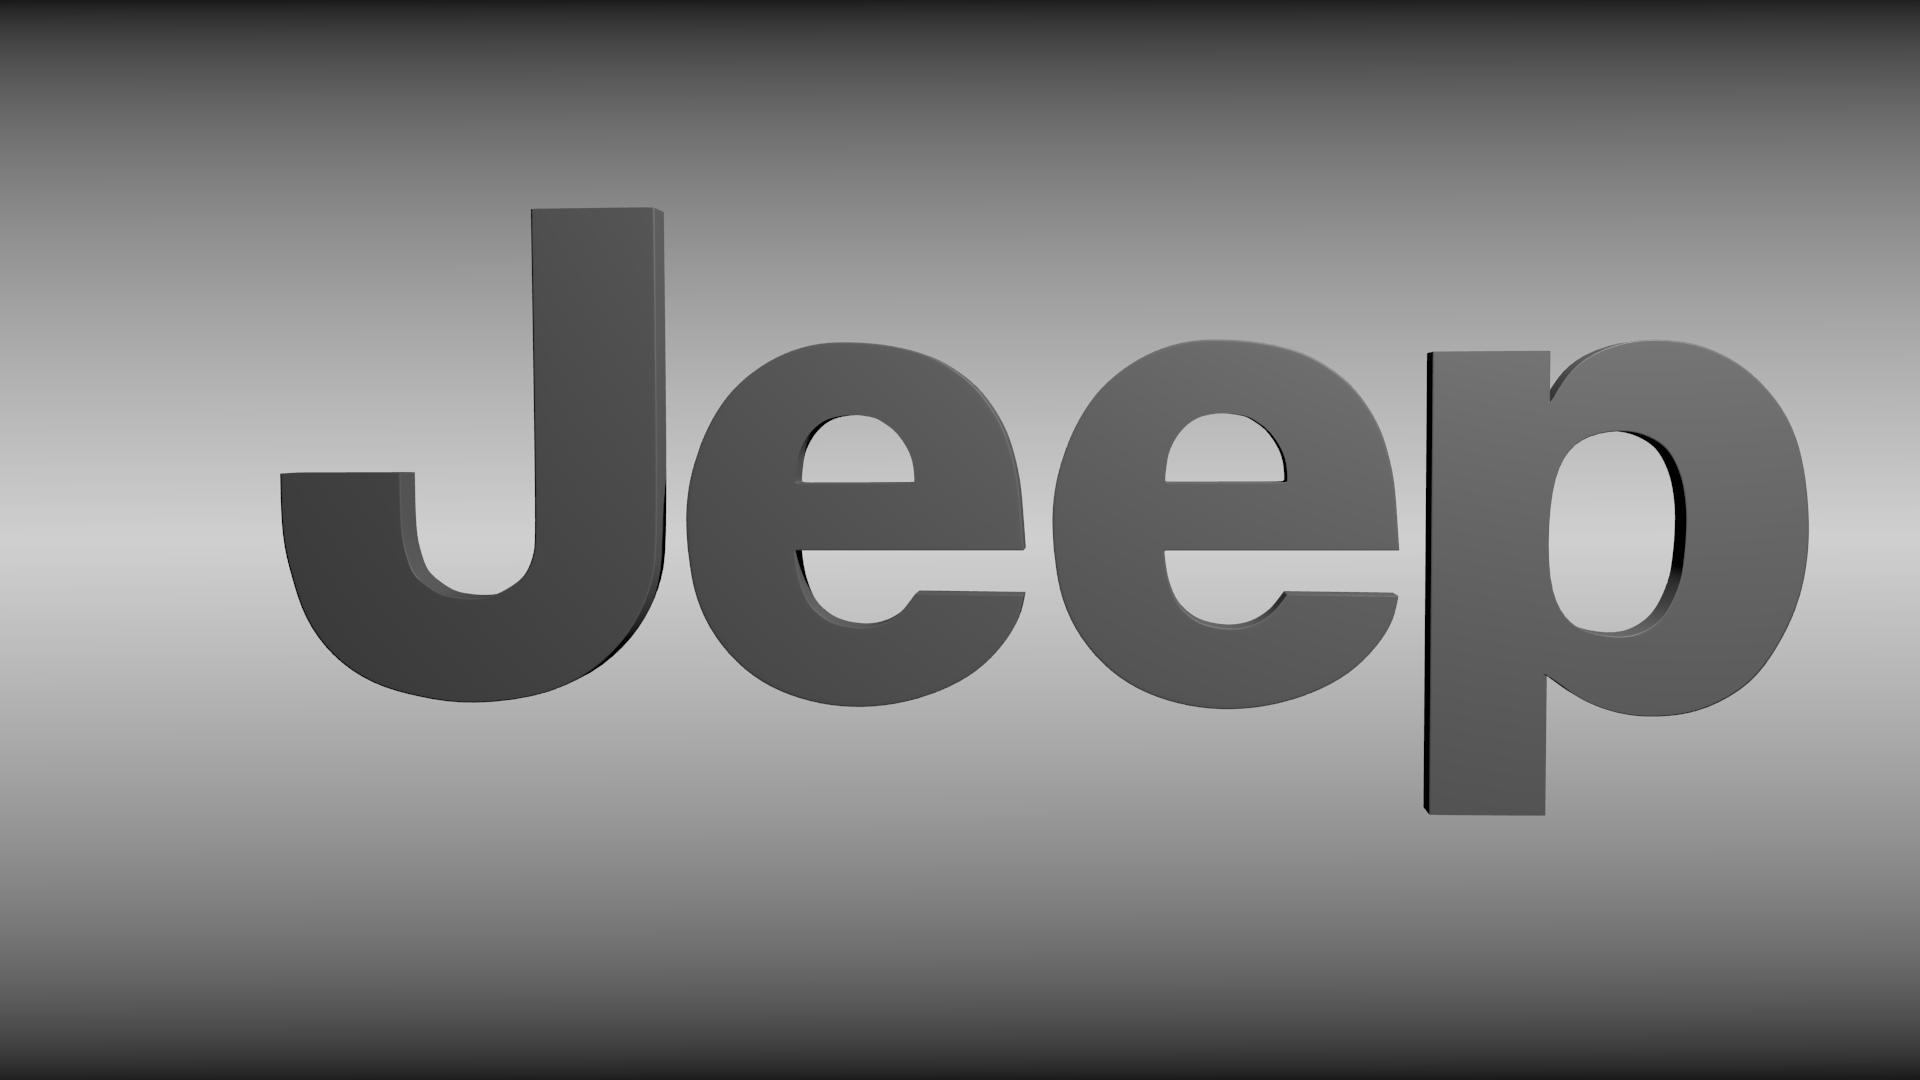 Used Jeep Wrangler Parts >> Jeep logo 3D Model OBJ BLEND | CGTrader.com